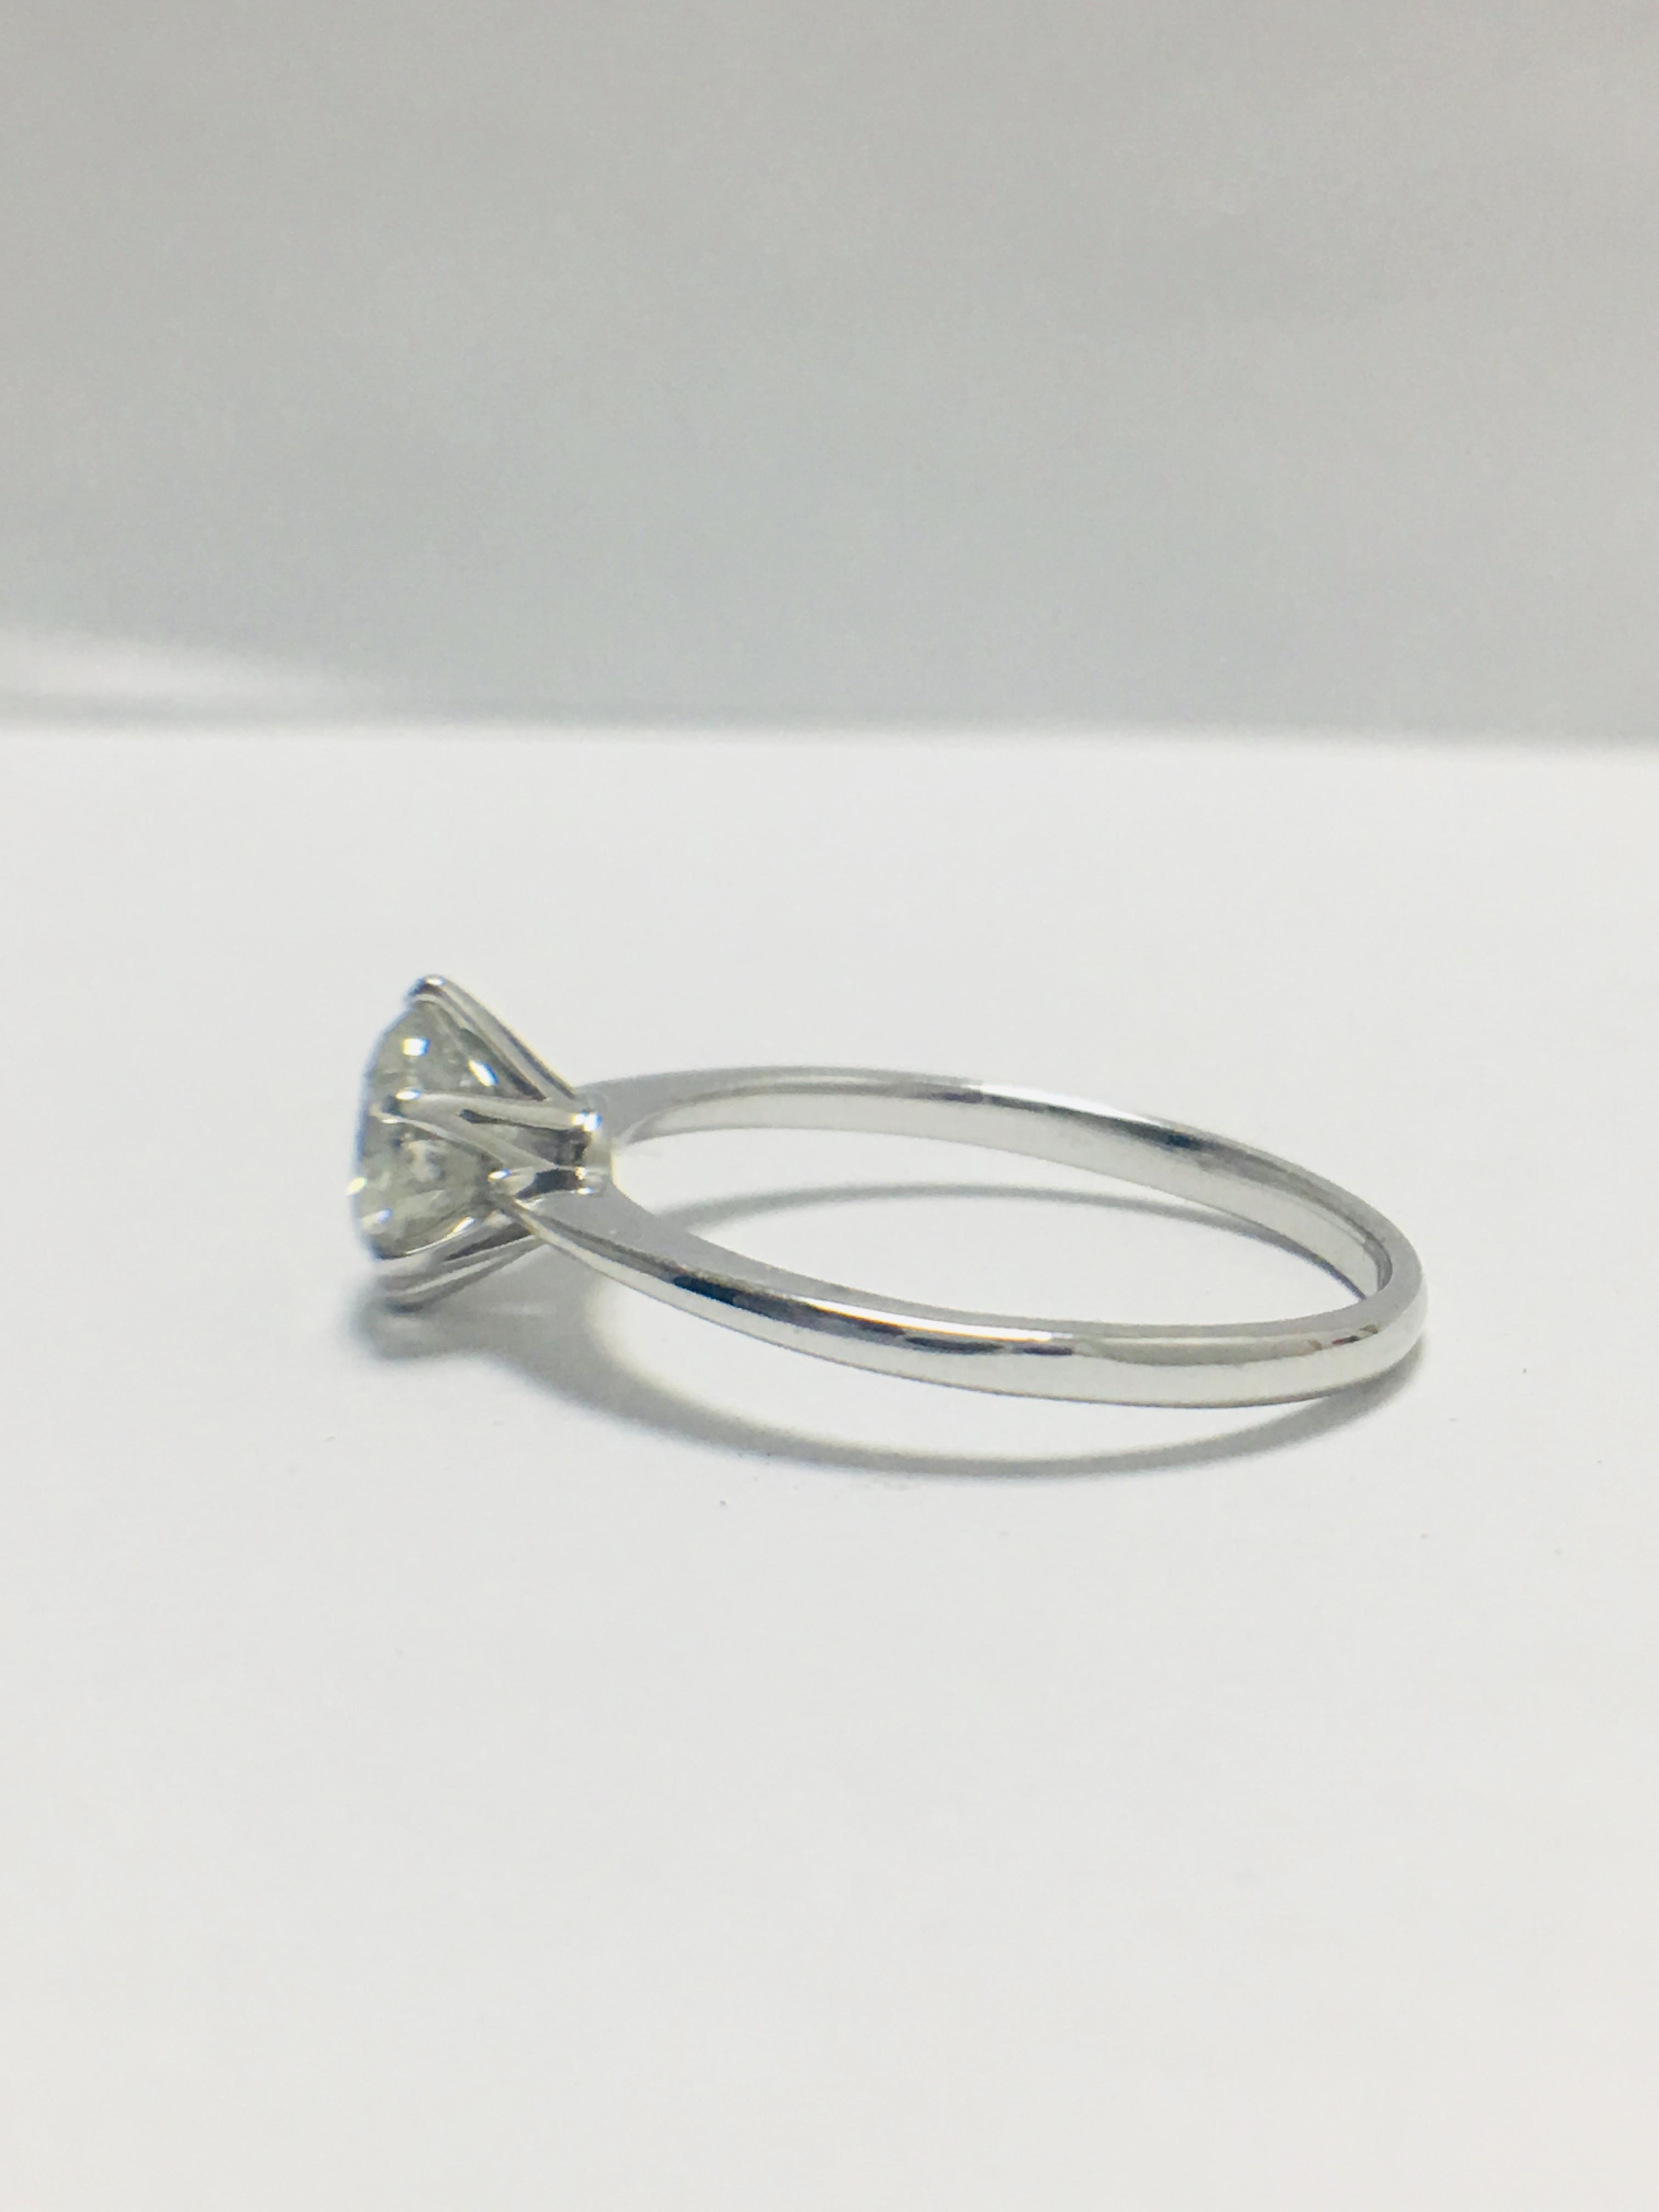 1ct platinum Diamond solitaire ring - Image 3 of 10